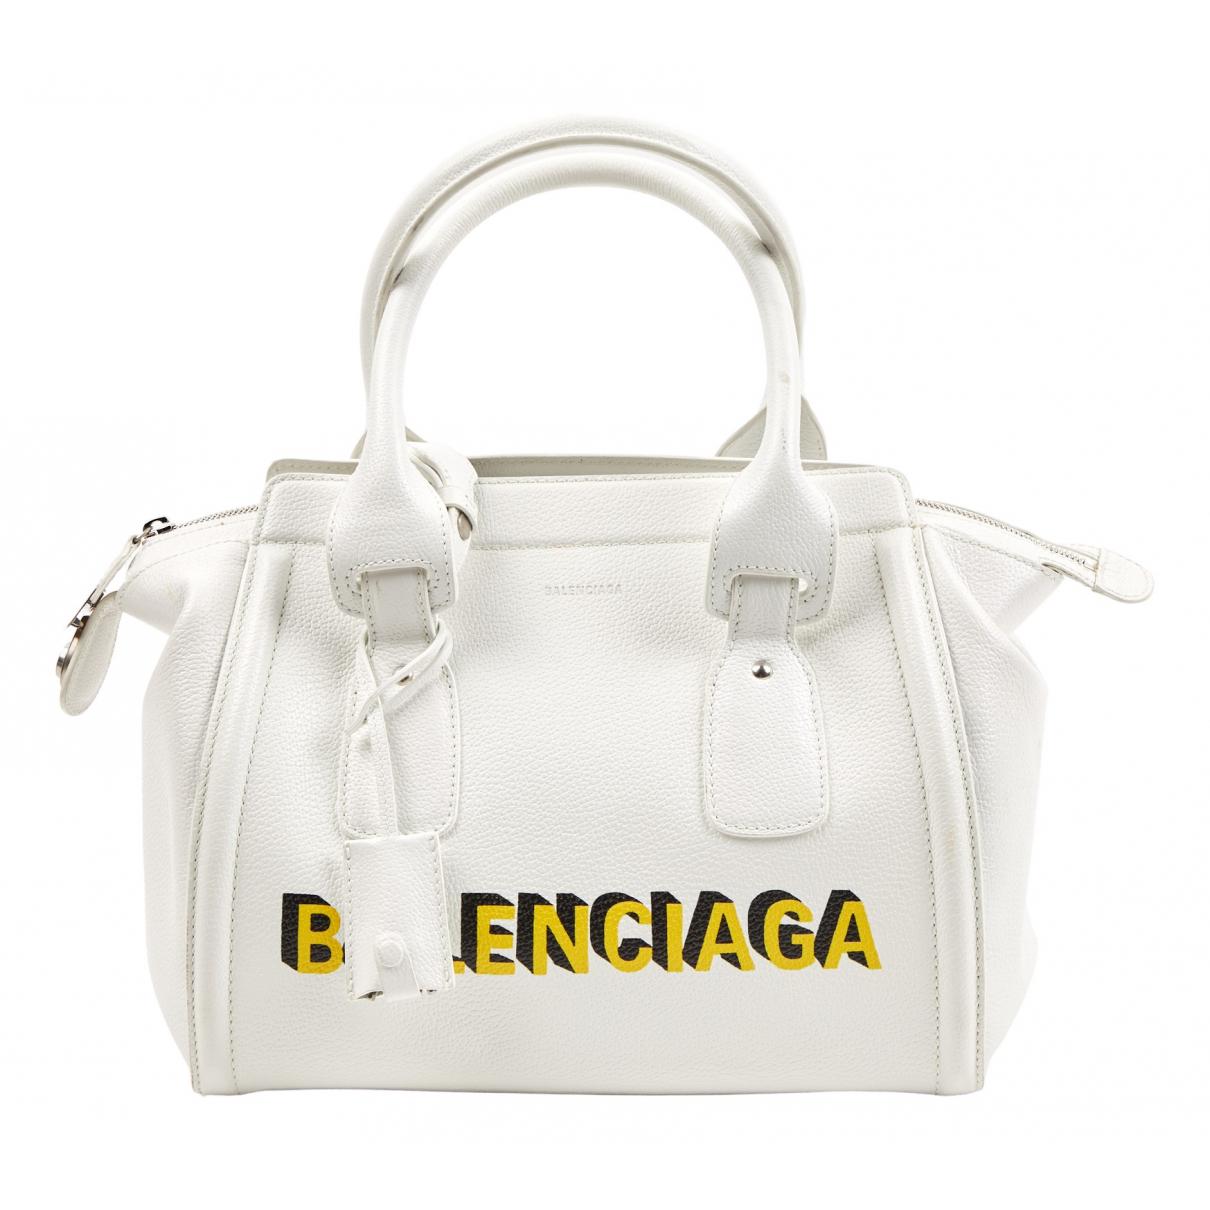 Balenciaga - Sac a main Monday Bowling pour femme en cuir - blanc